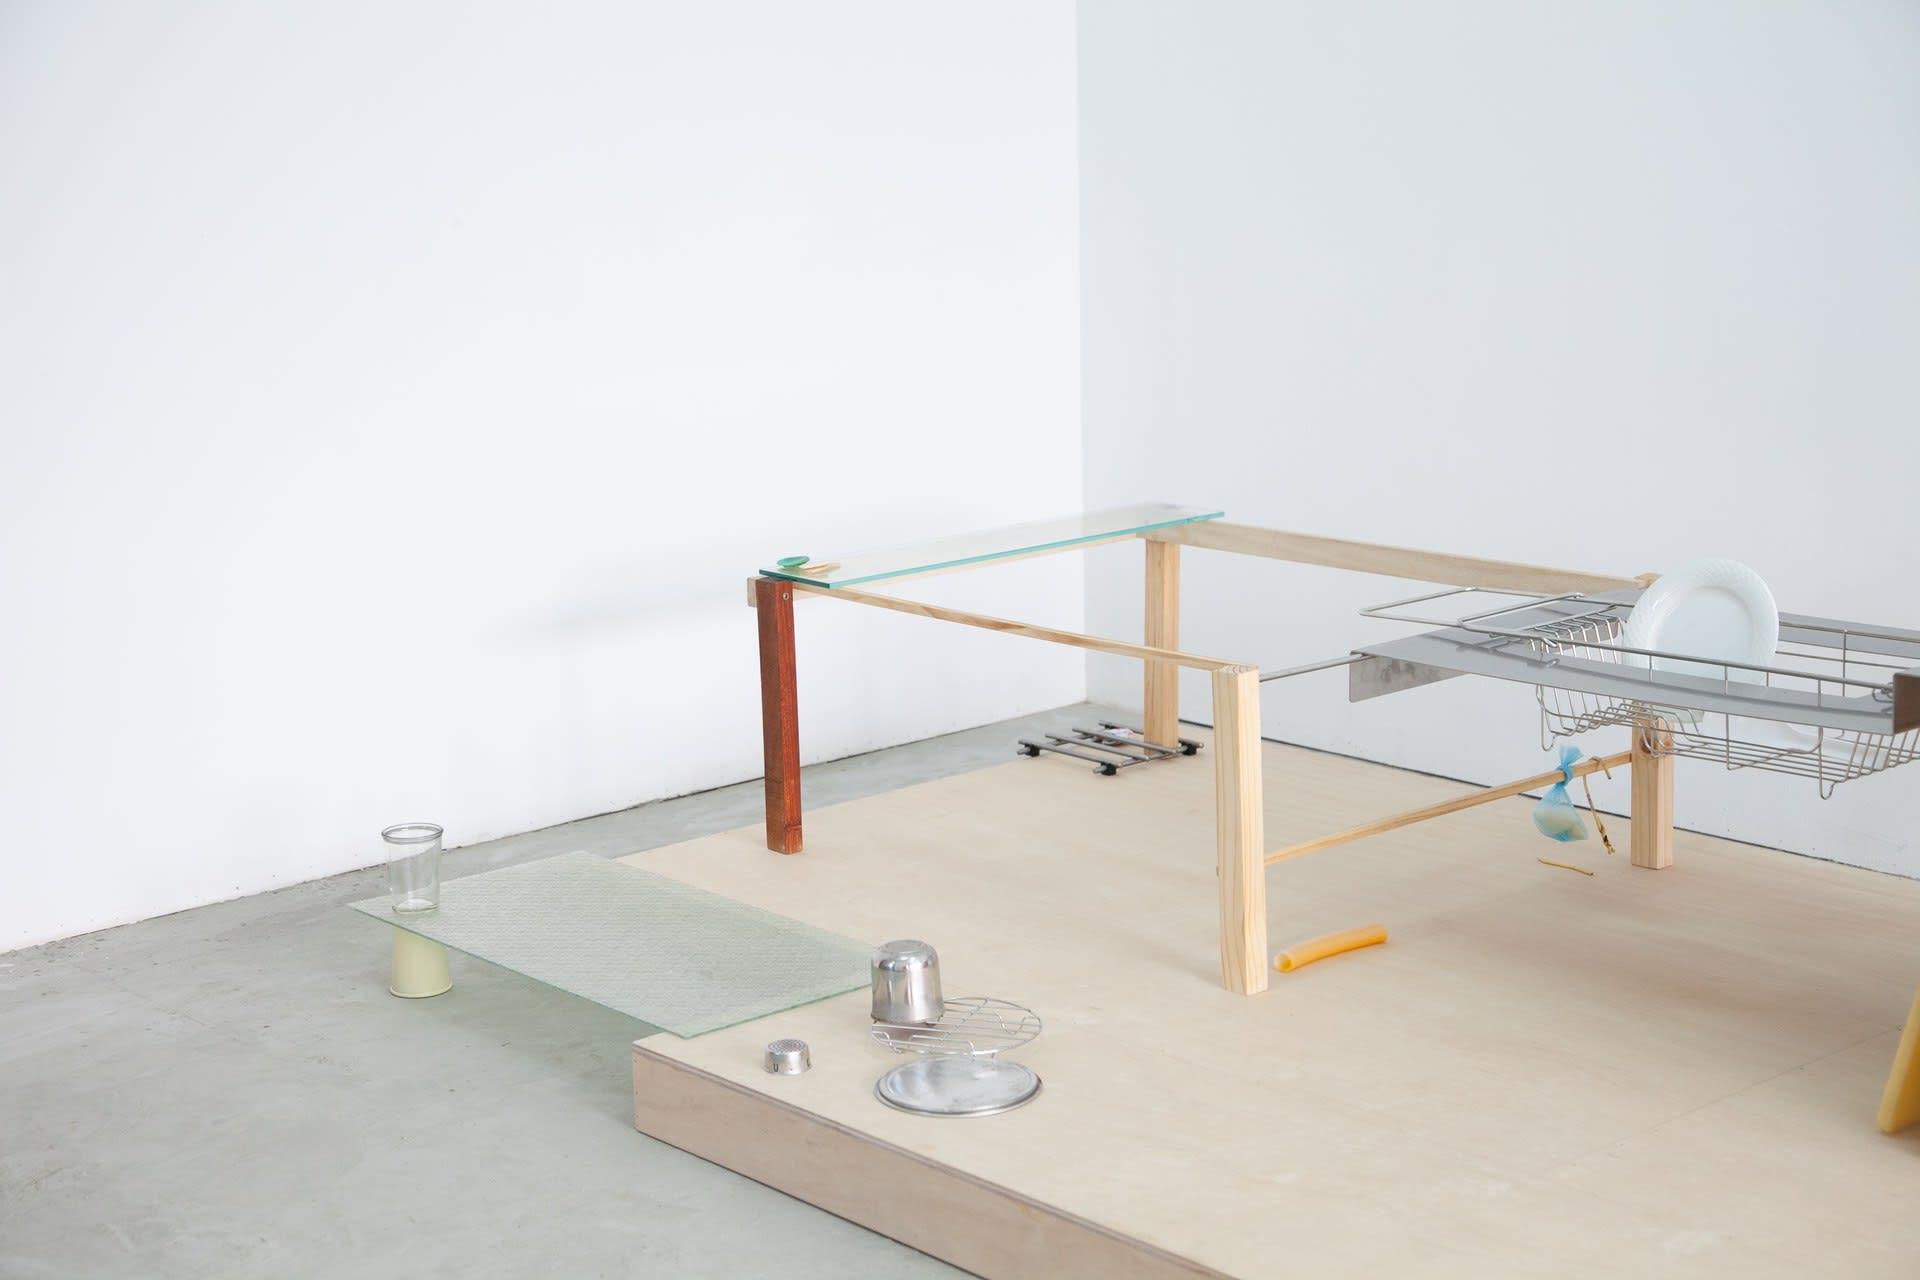 installation view_detail02